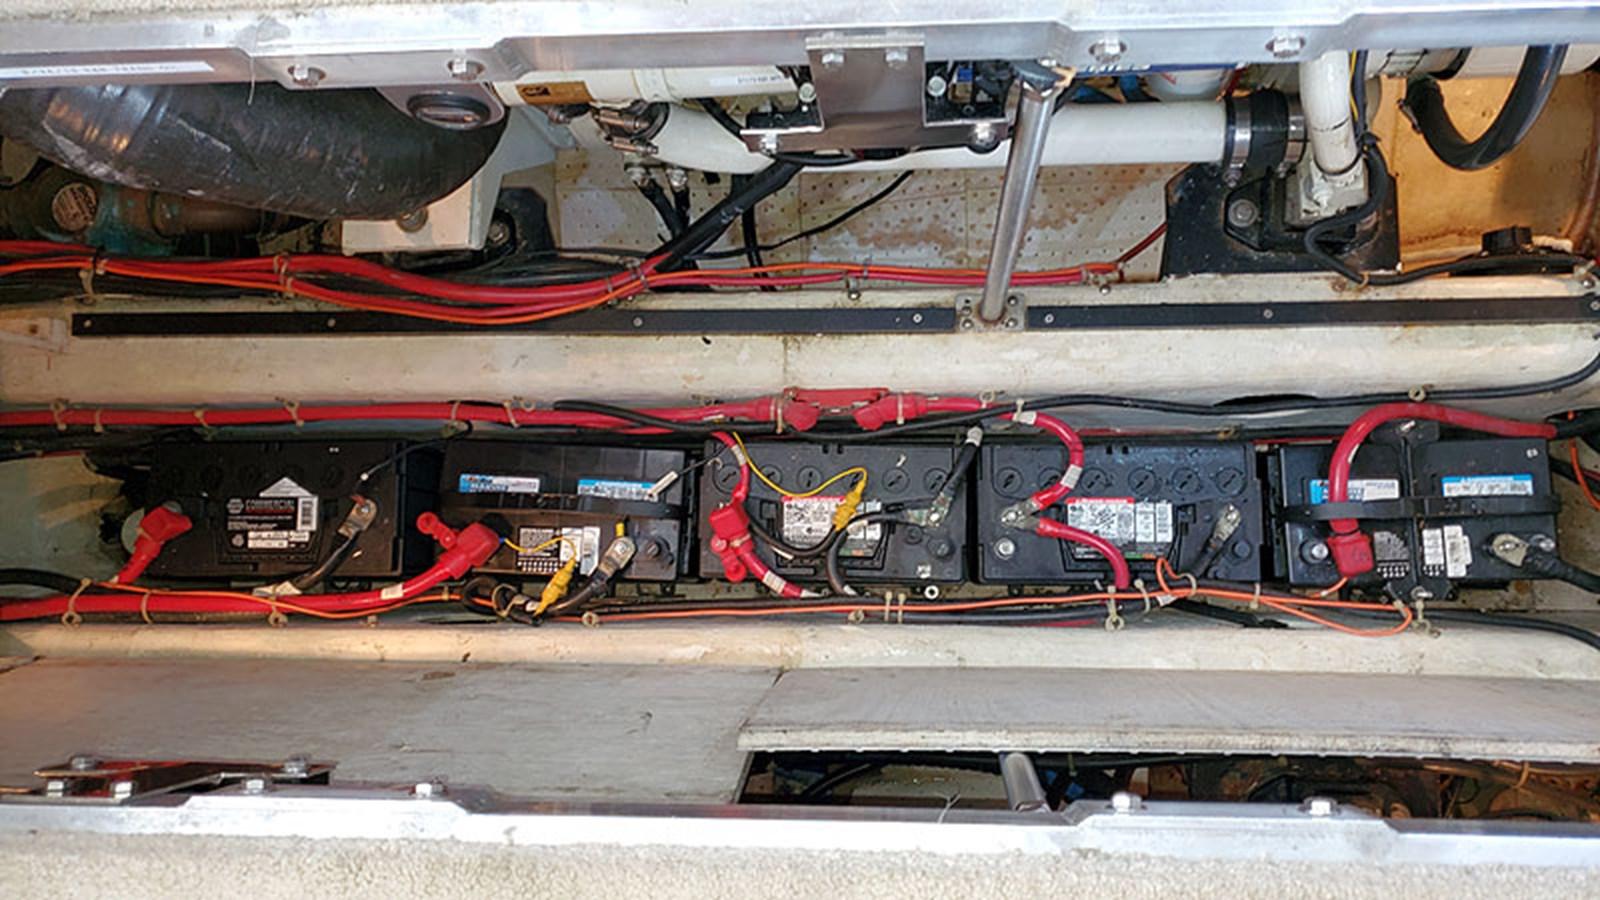 51ELECBatteryBank1 2001 CARVER 444 Cockpit Motor Yacht Motor Yacht 2967644